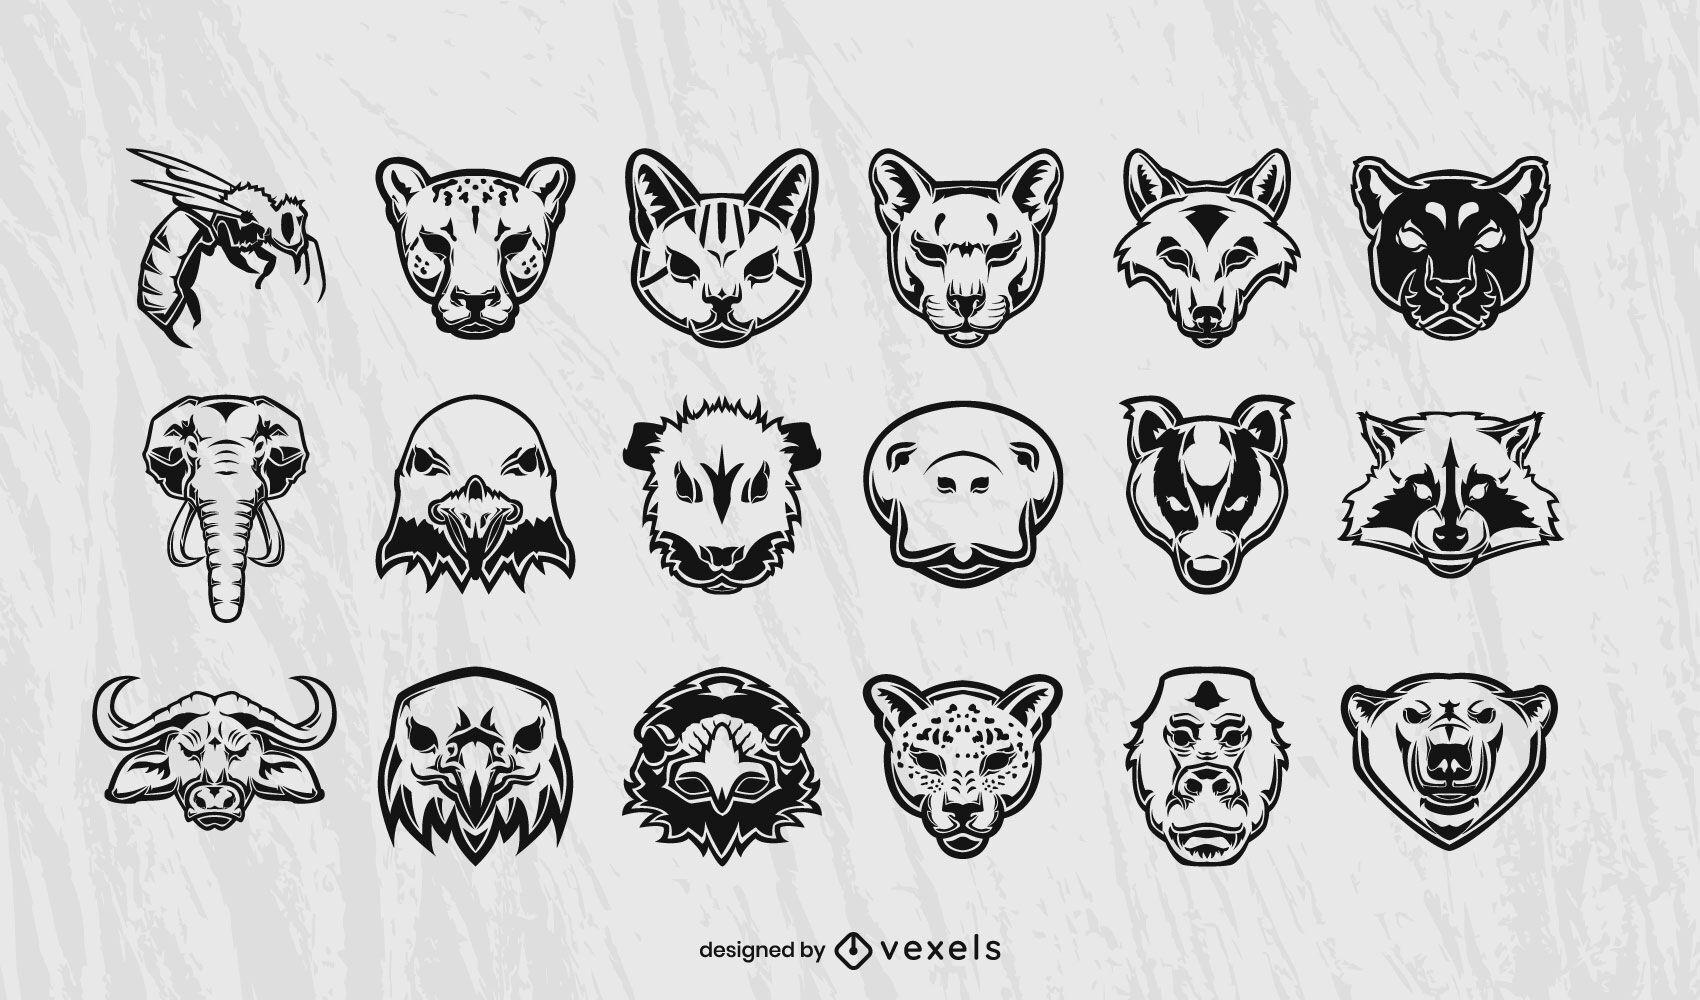 Desenho de coleção de cabeças de animais